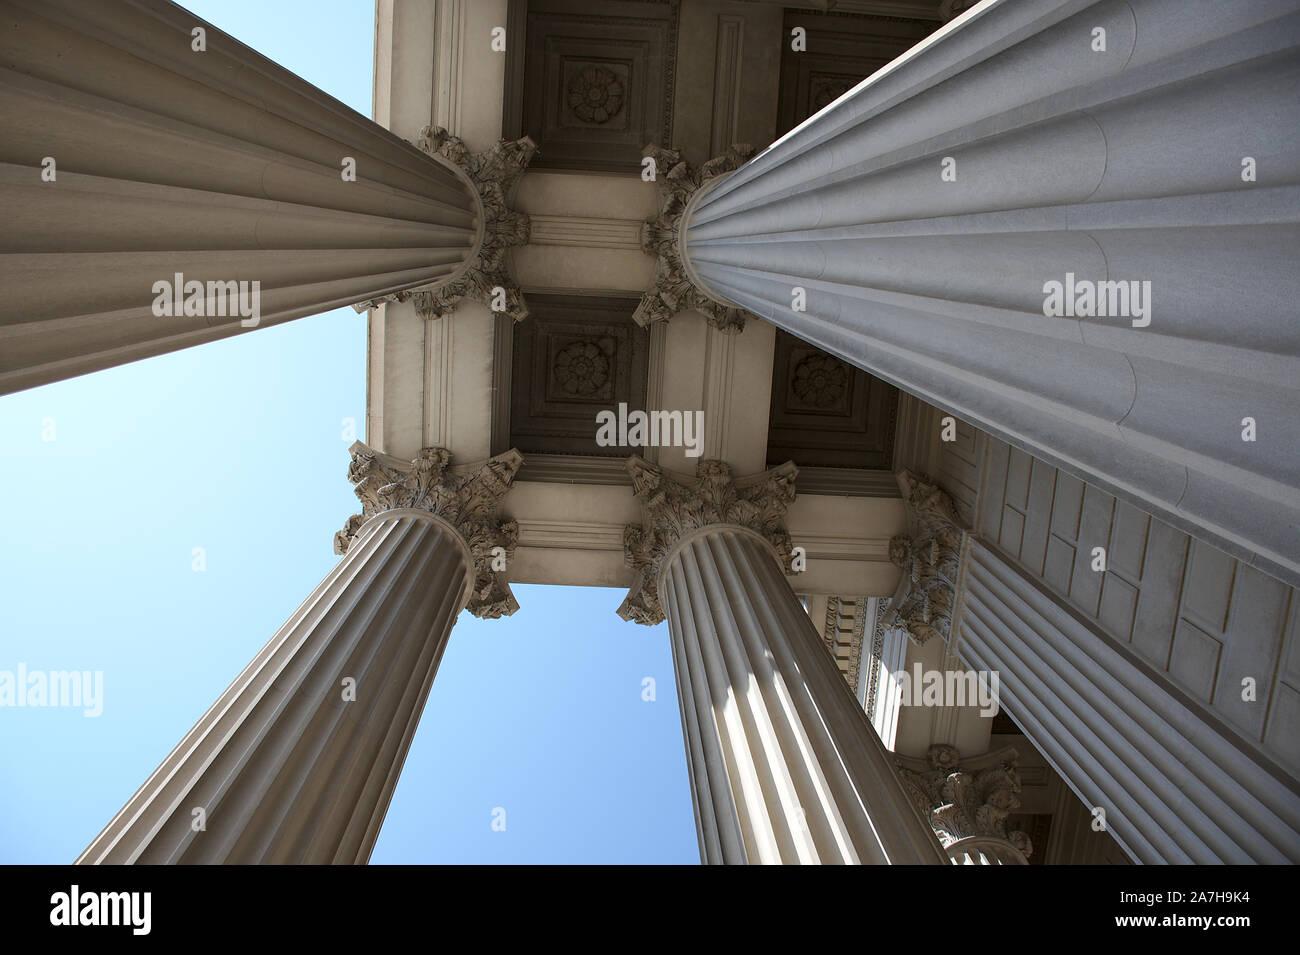 Colonne in archivi nazionali sulla Costituzione Ave a Washington DC Foto Stock